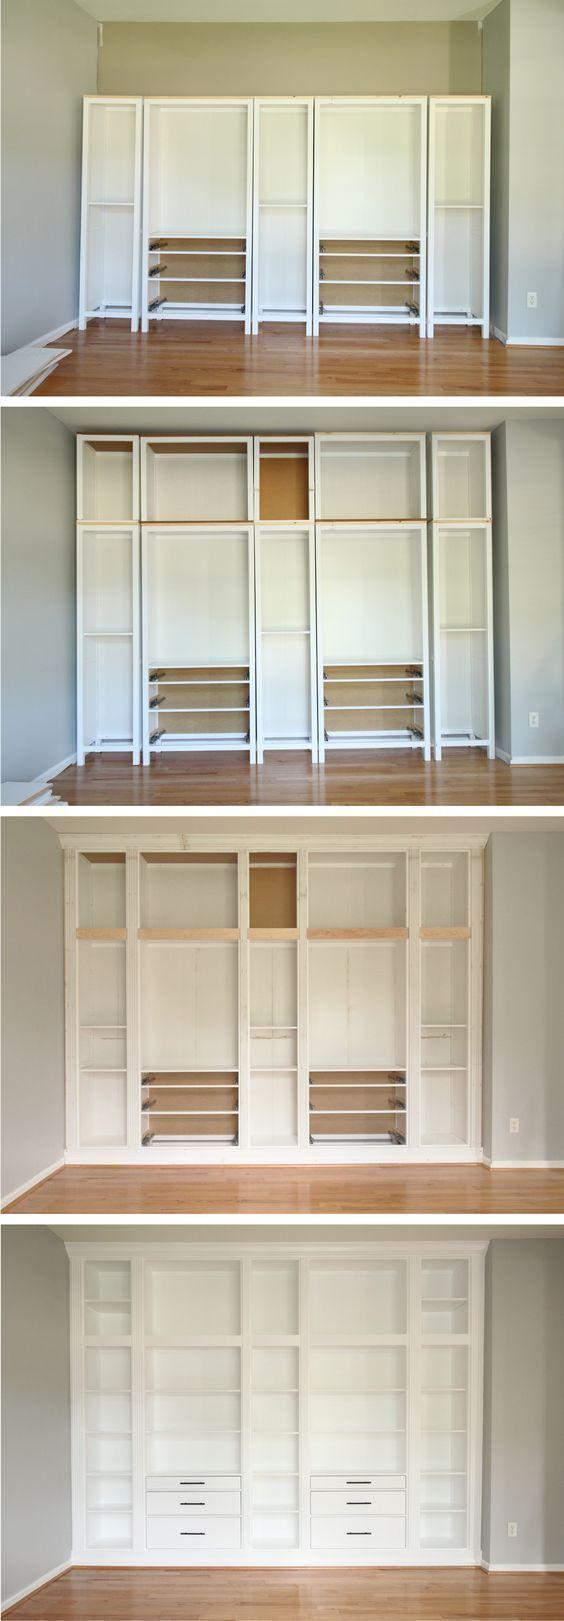 Ikea kleiderschr nke jugendzimmer for Wohnwand jugendzimmer ikea